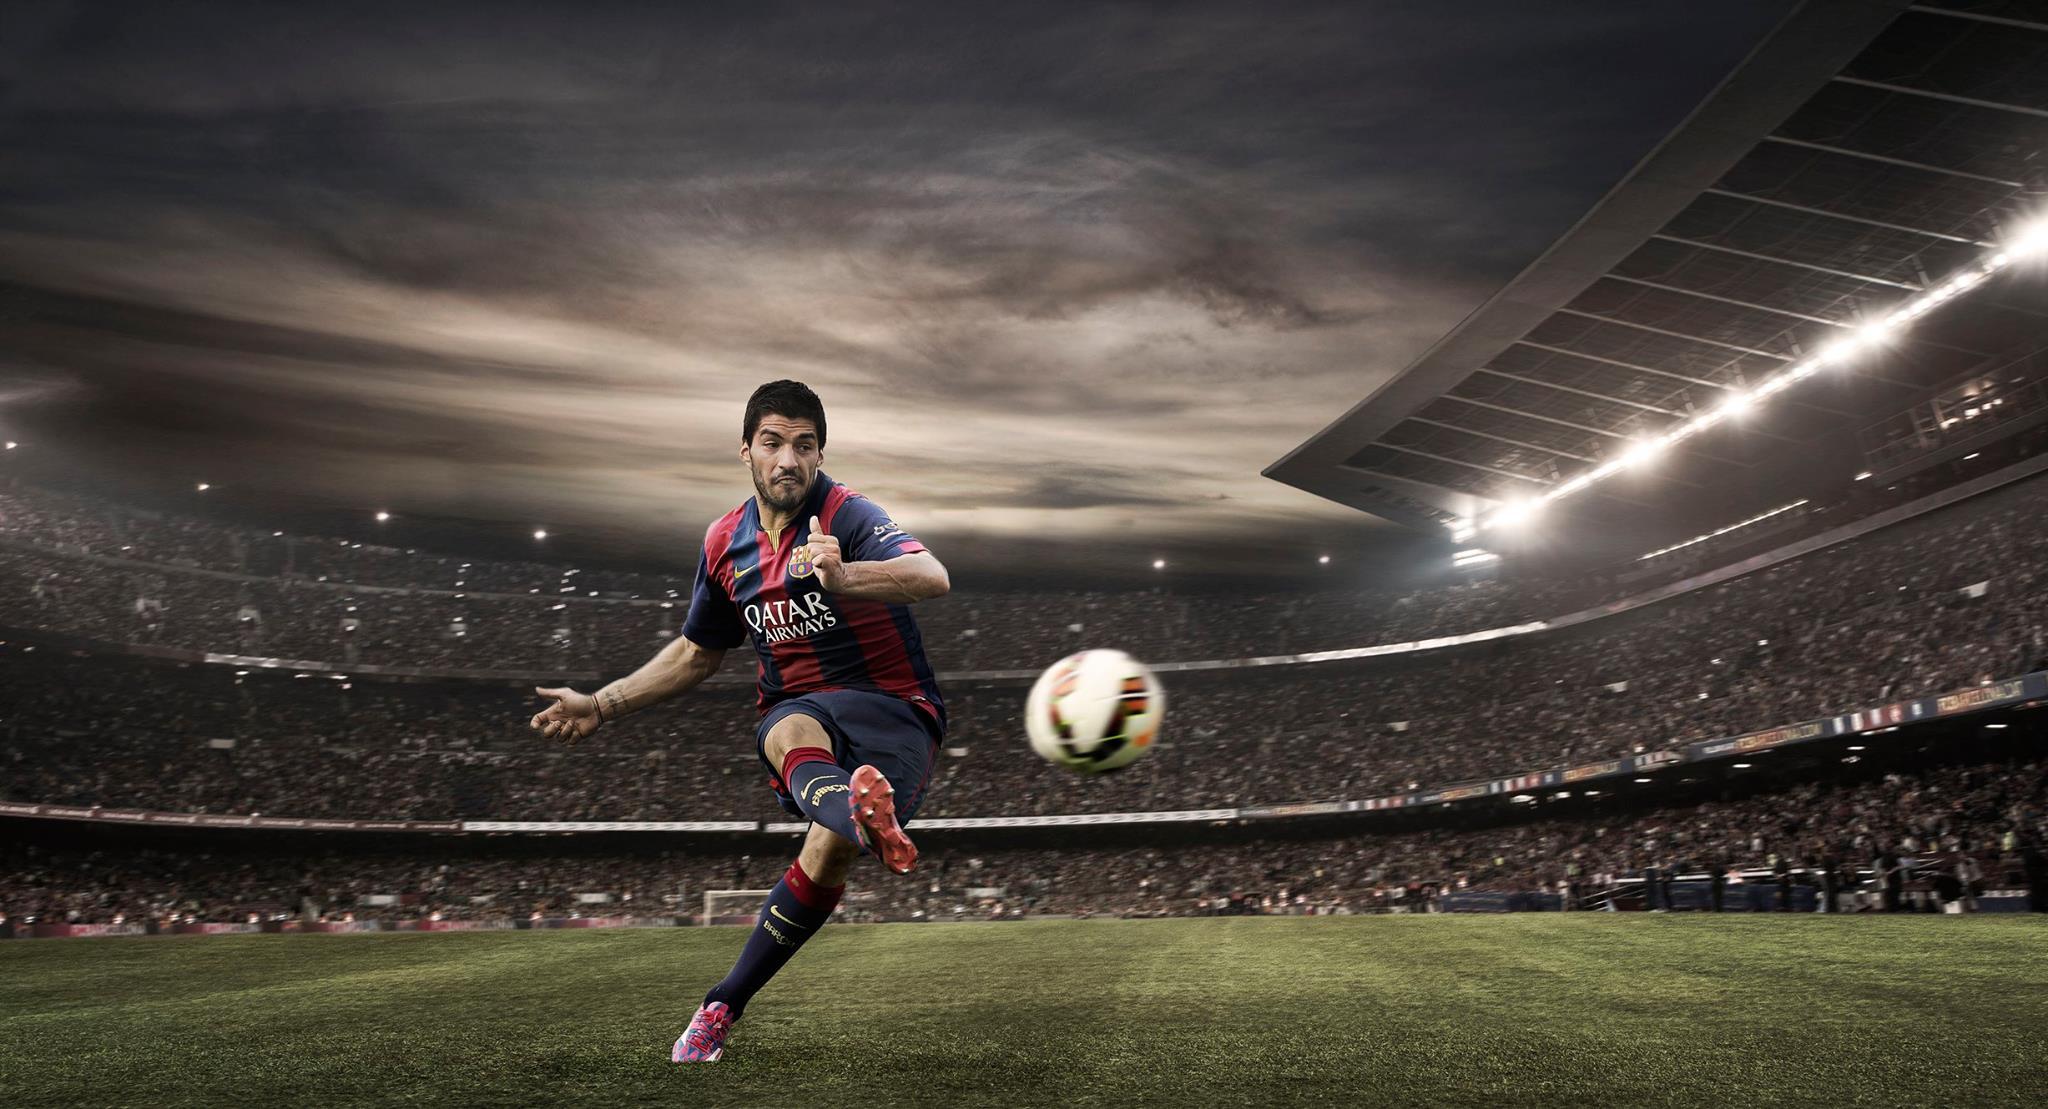 Luis Suarez Wallpapers Pictures Images 2048x1109